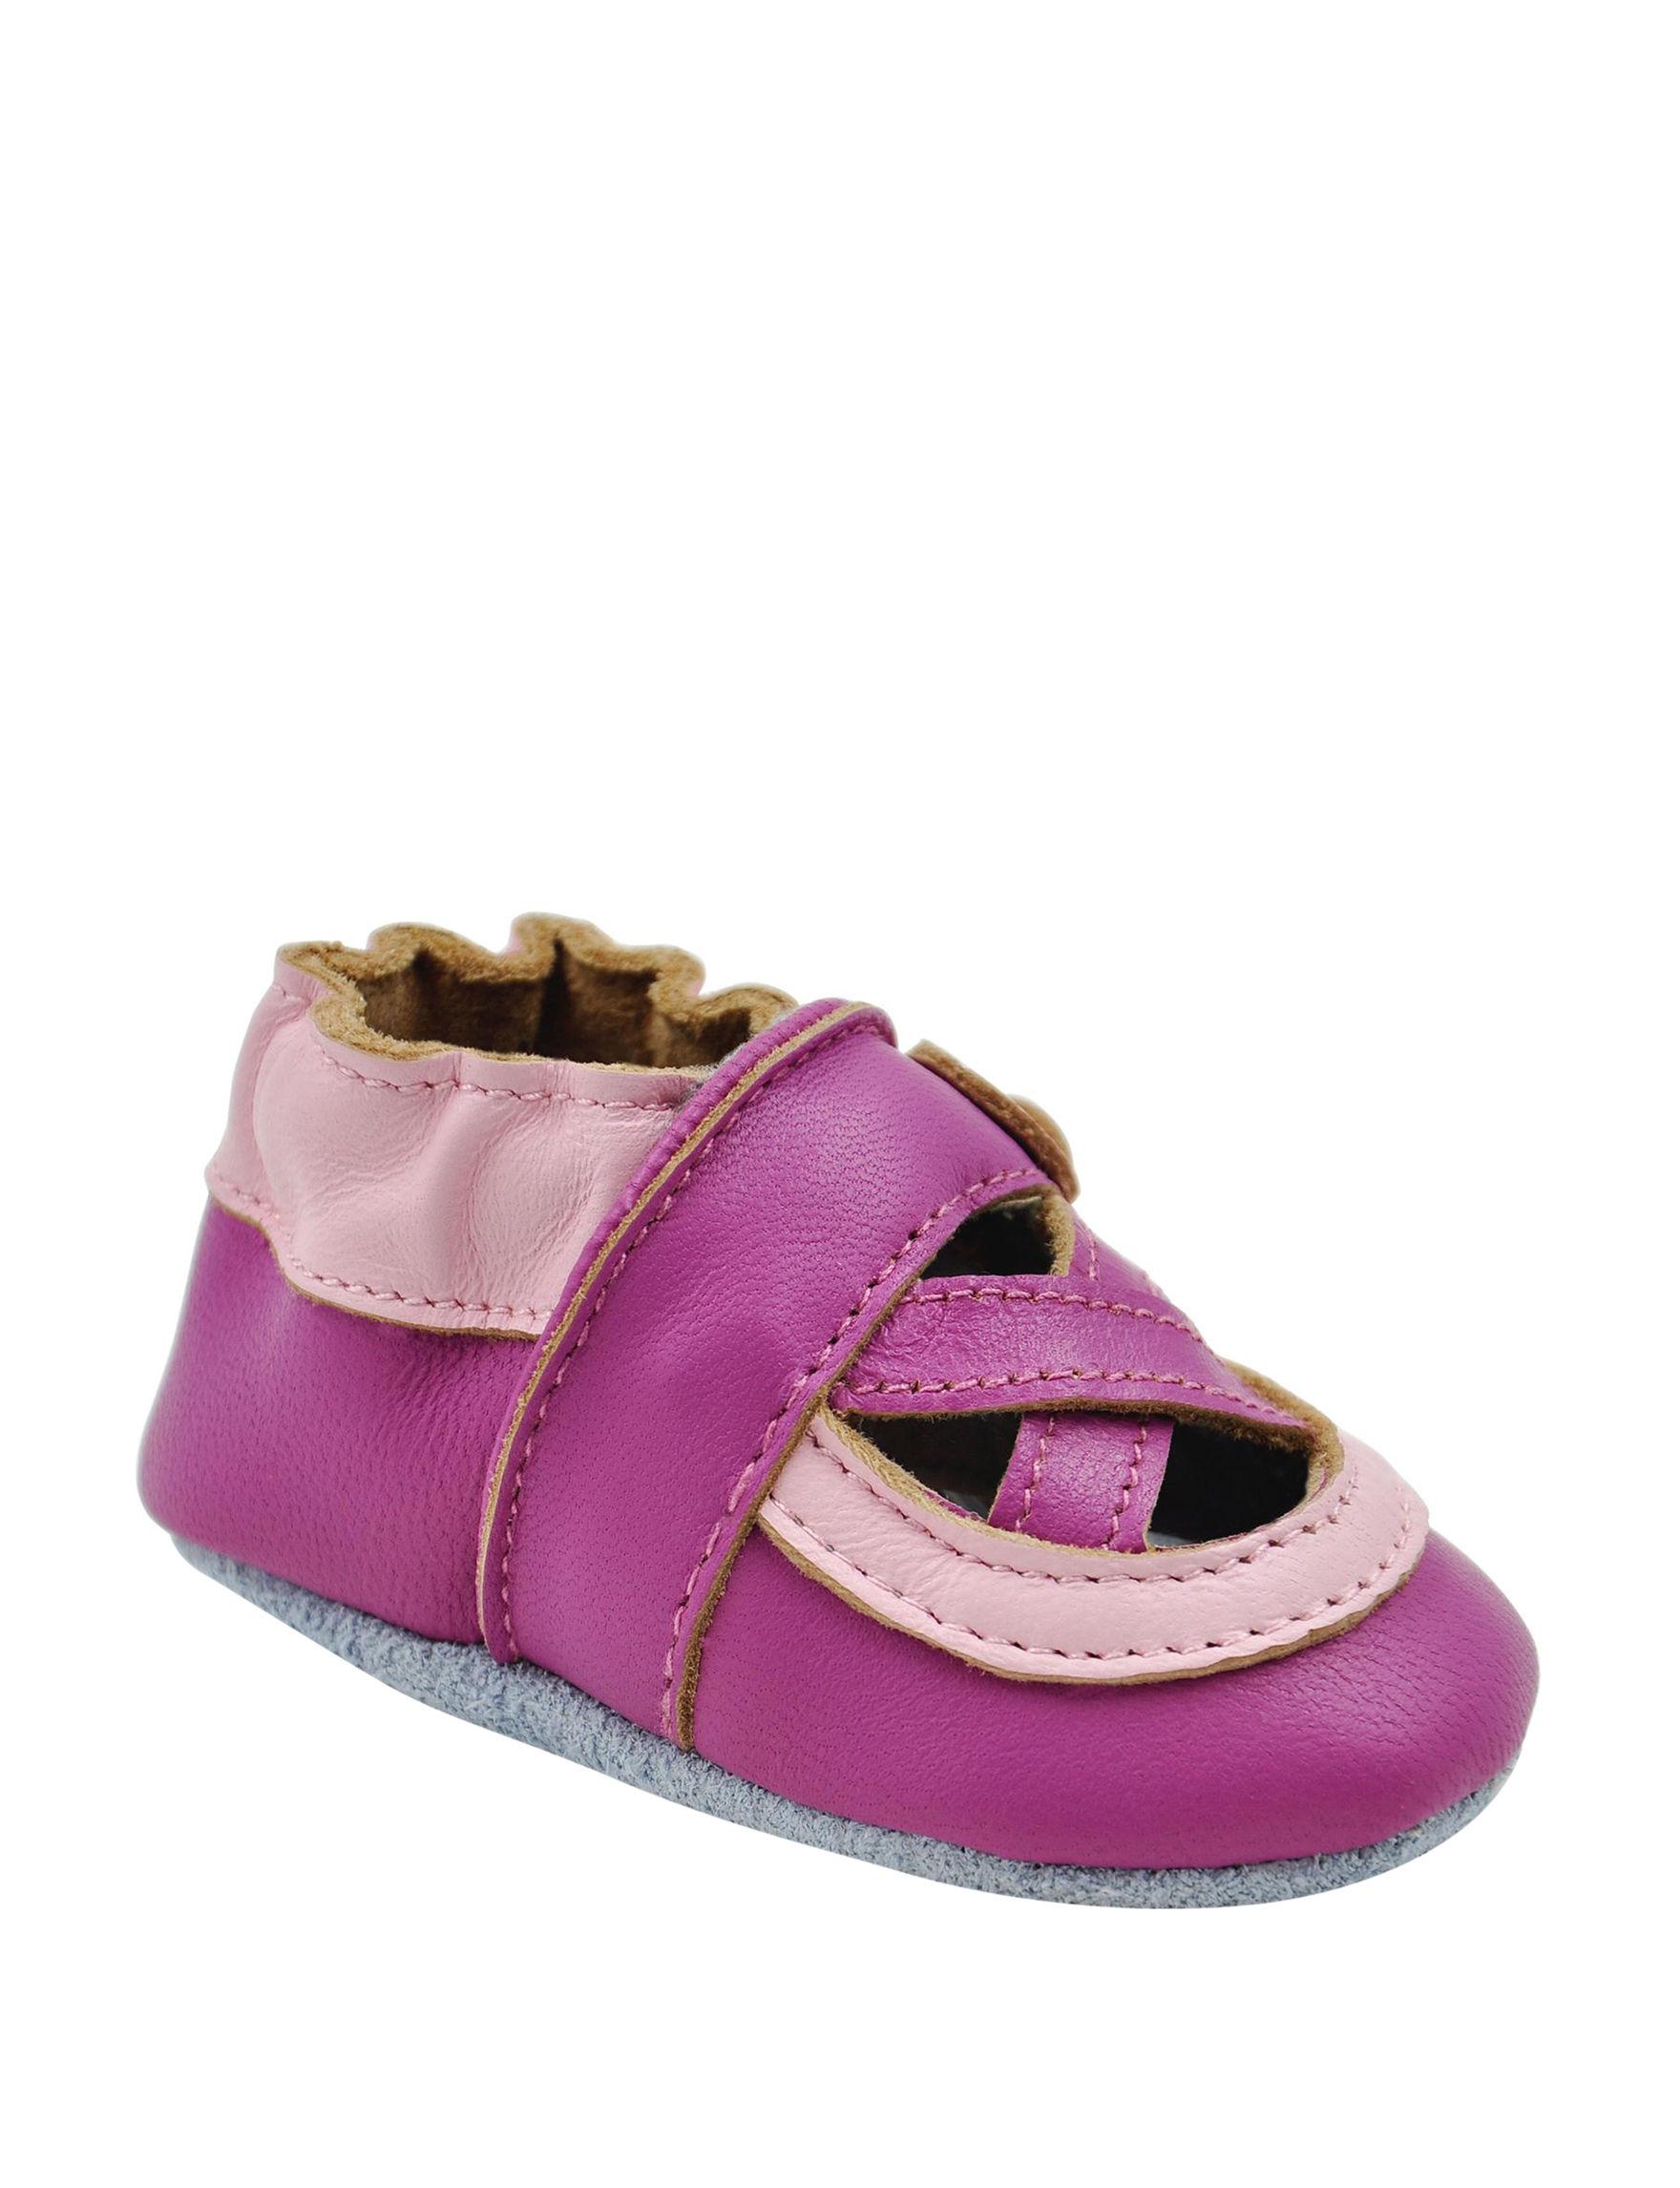 Momo Baby Pink Multi